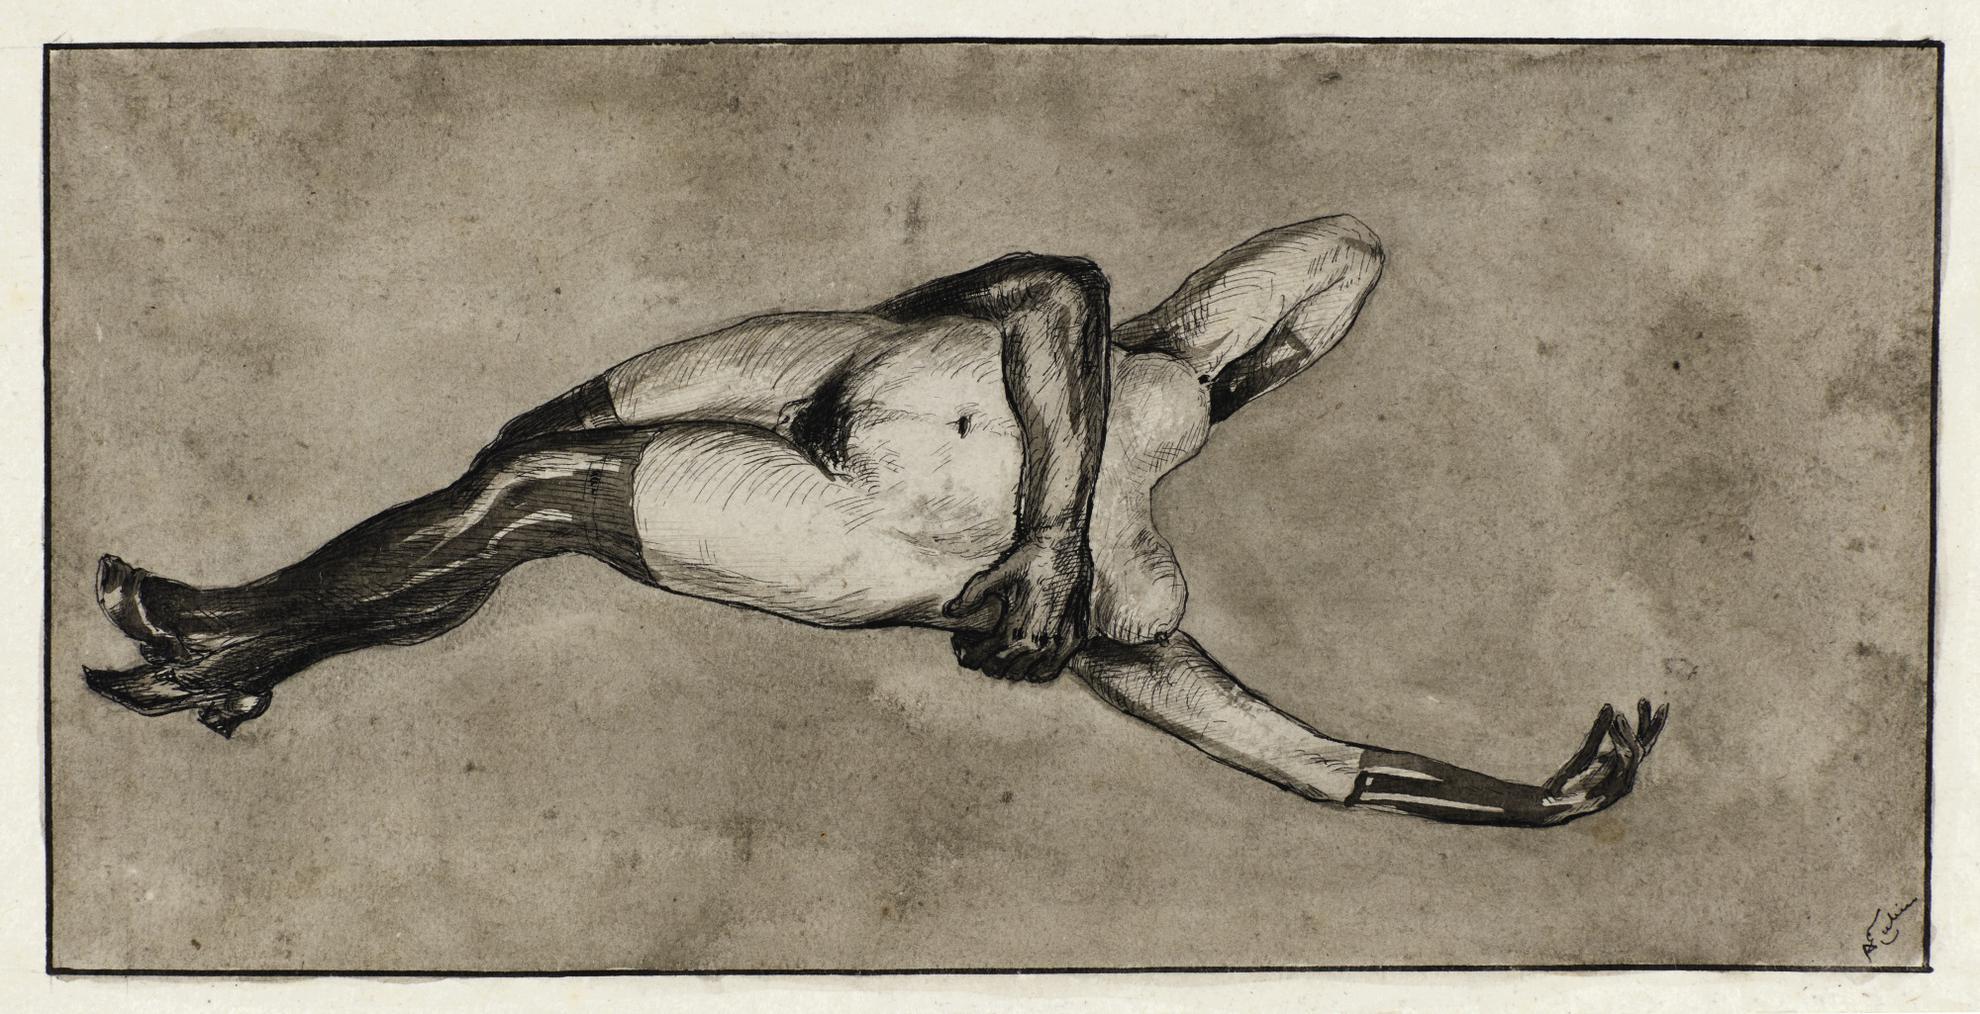 Alfred Kubin-Mannlicher Arm Mit Weiblichem Akt (Male Arm With Female Nude)-1898